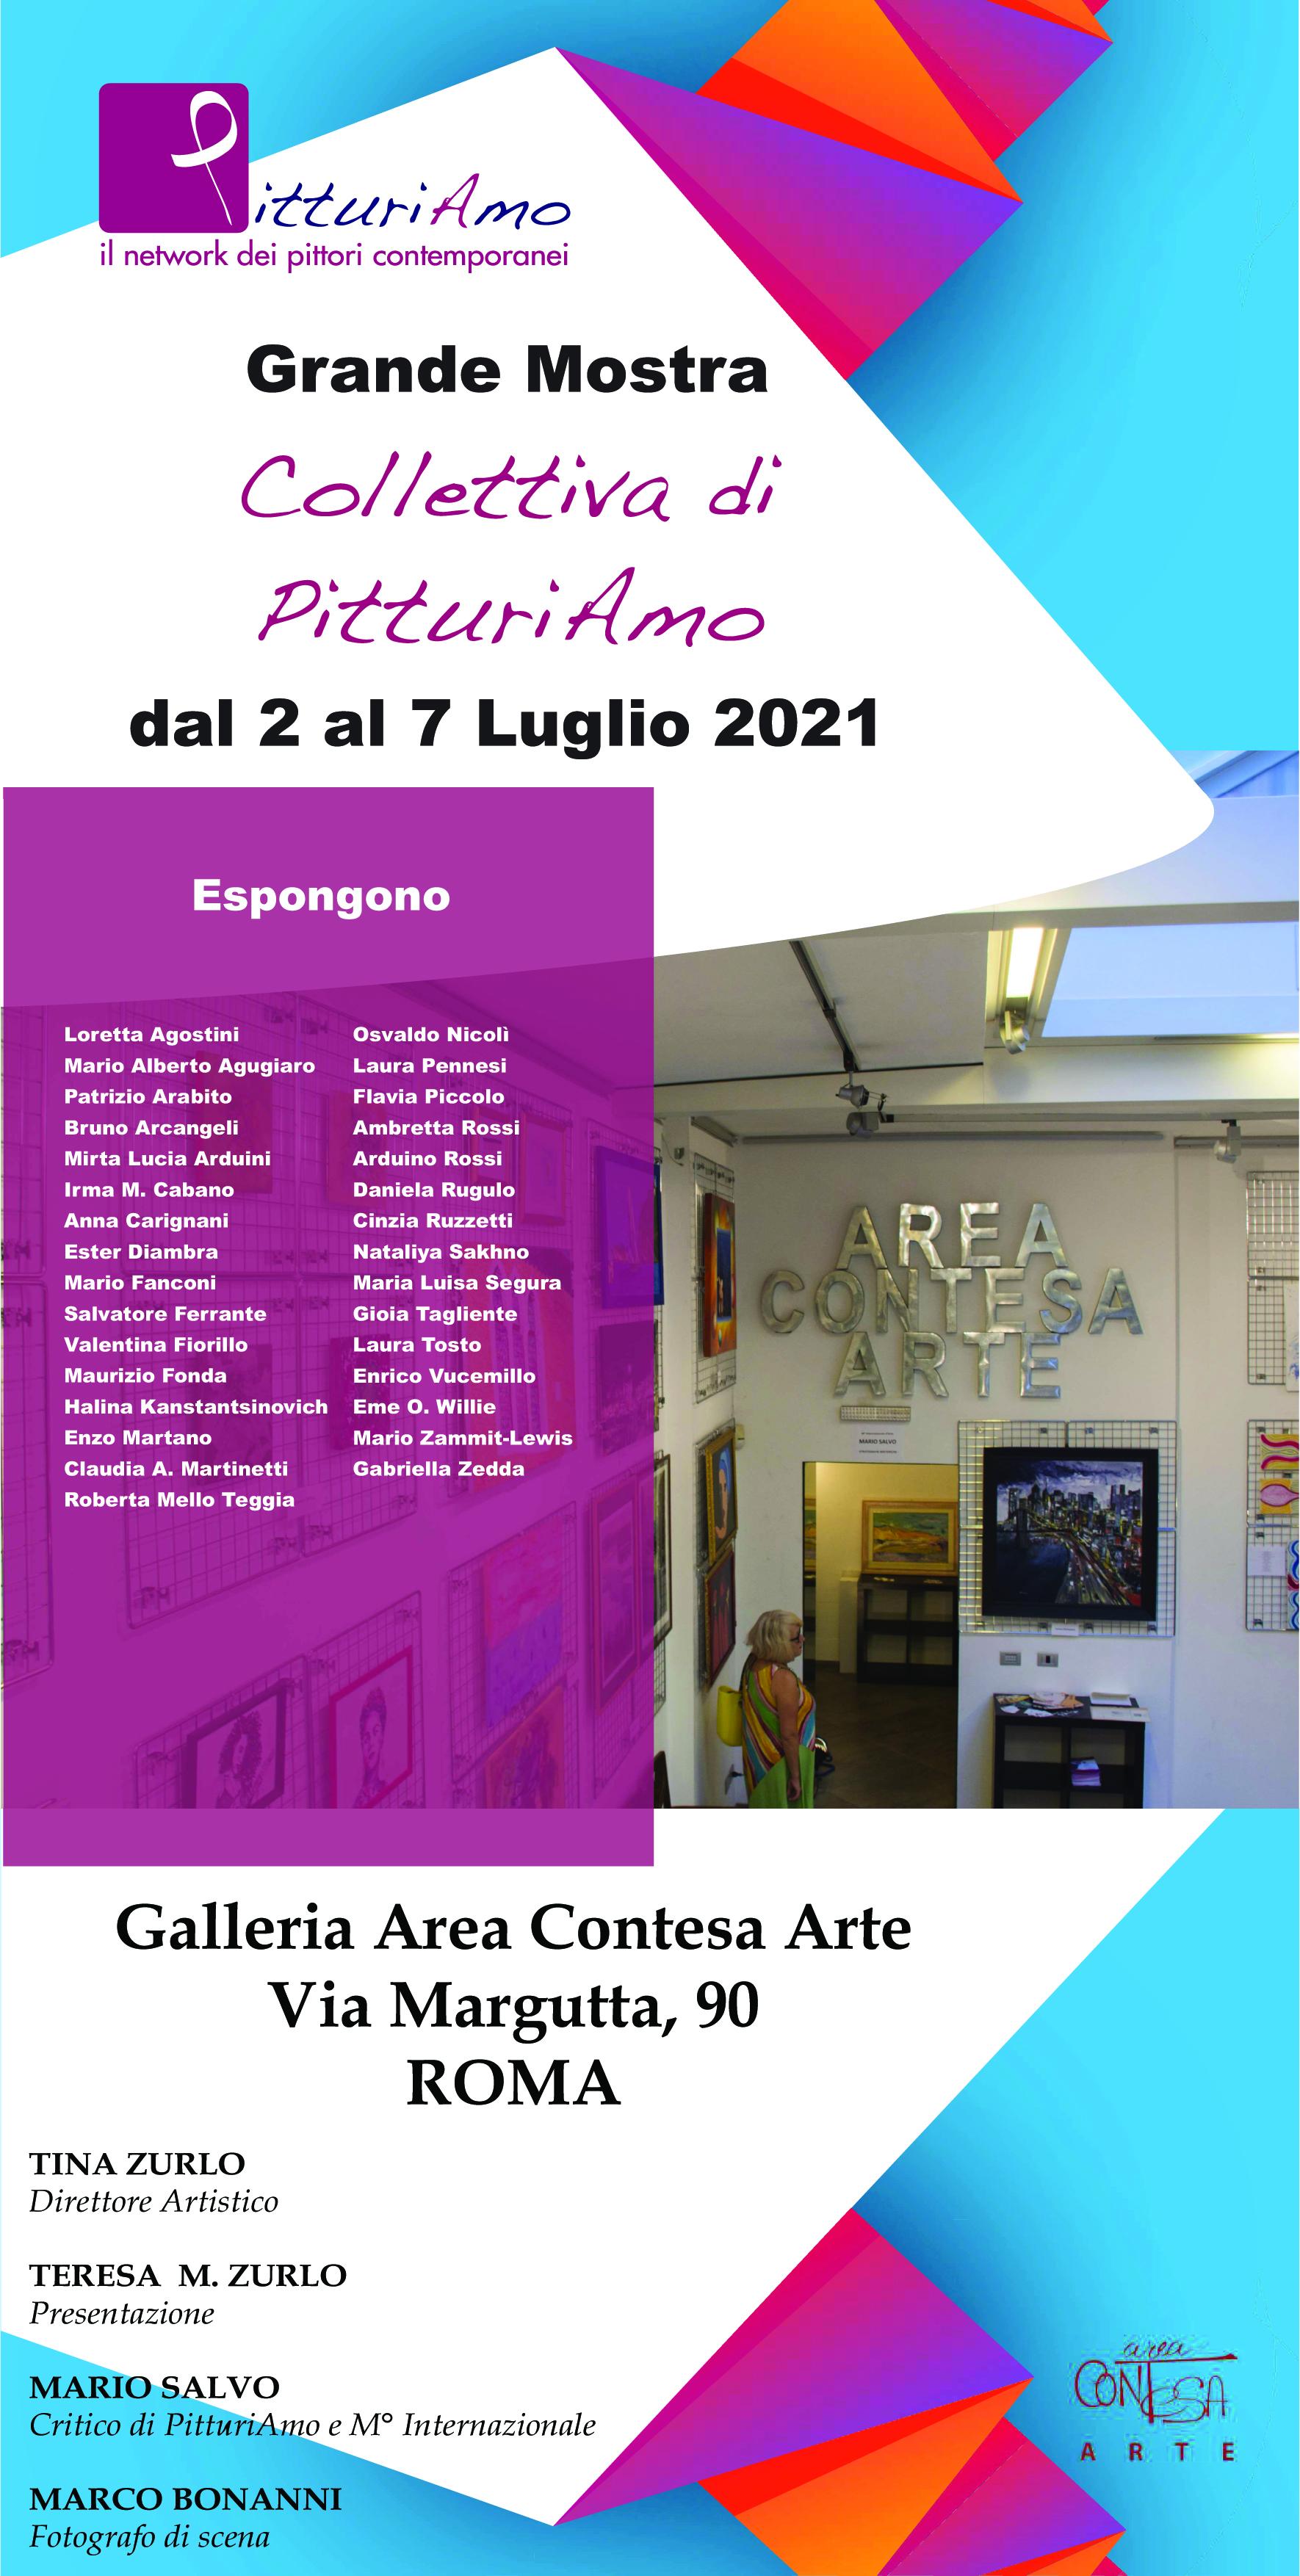 Locandina Mostra collettiva di PitturiAmo - dal 2 al 7 Luglio 2021 presso la Galleria Area Contesa Arte (Via Margutta 90 - Roma)